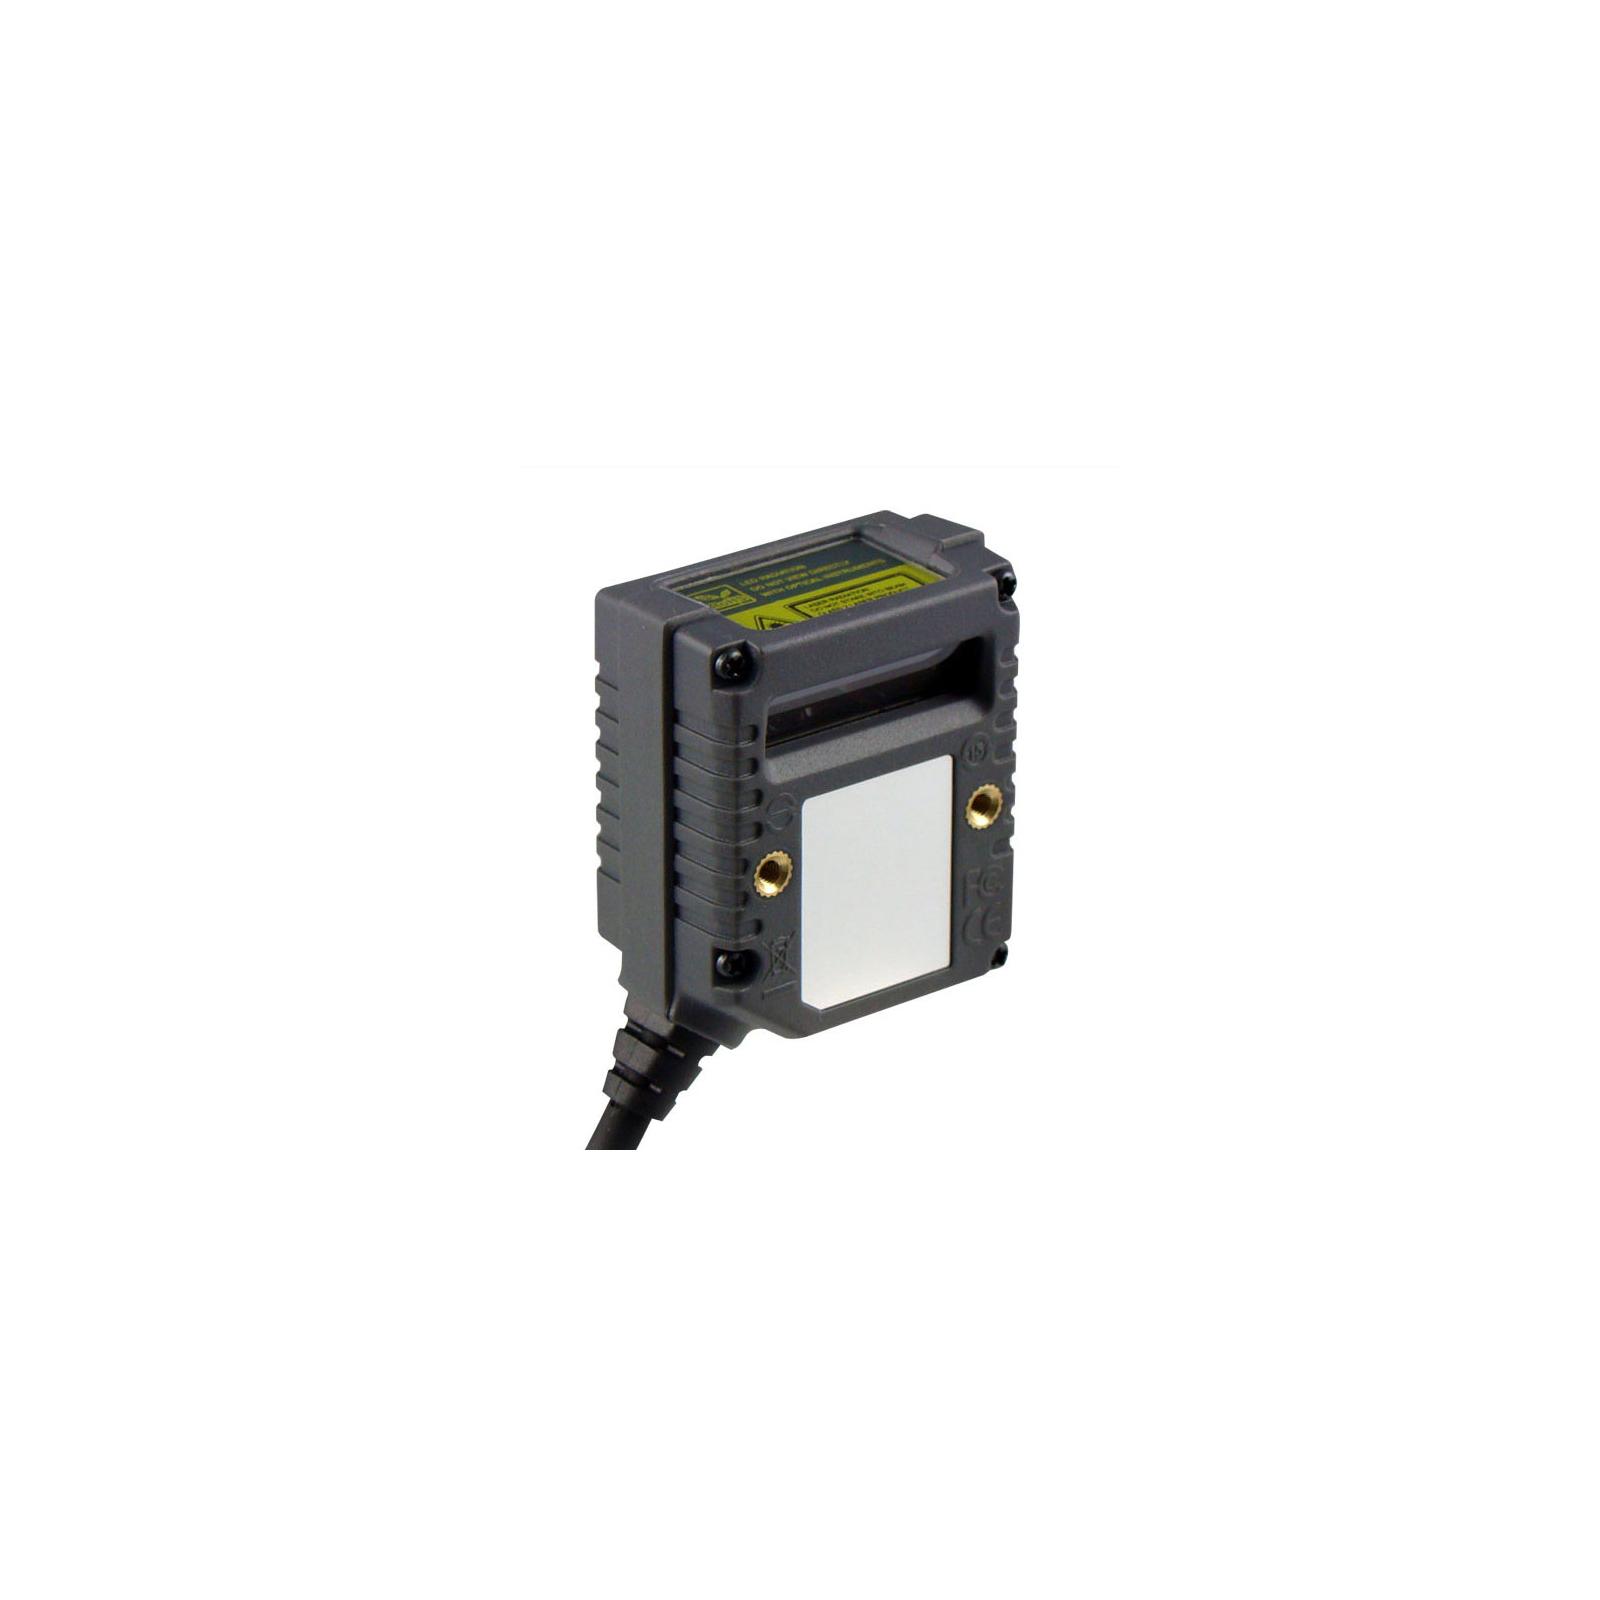 Сканер штрих-кода CINO FM480-98F Universal(1D) (9614) изображение 2